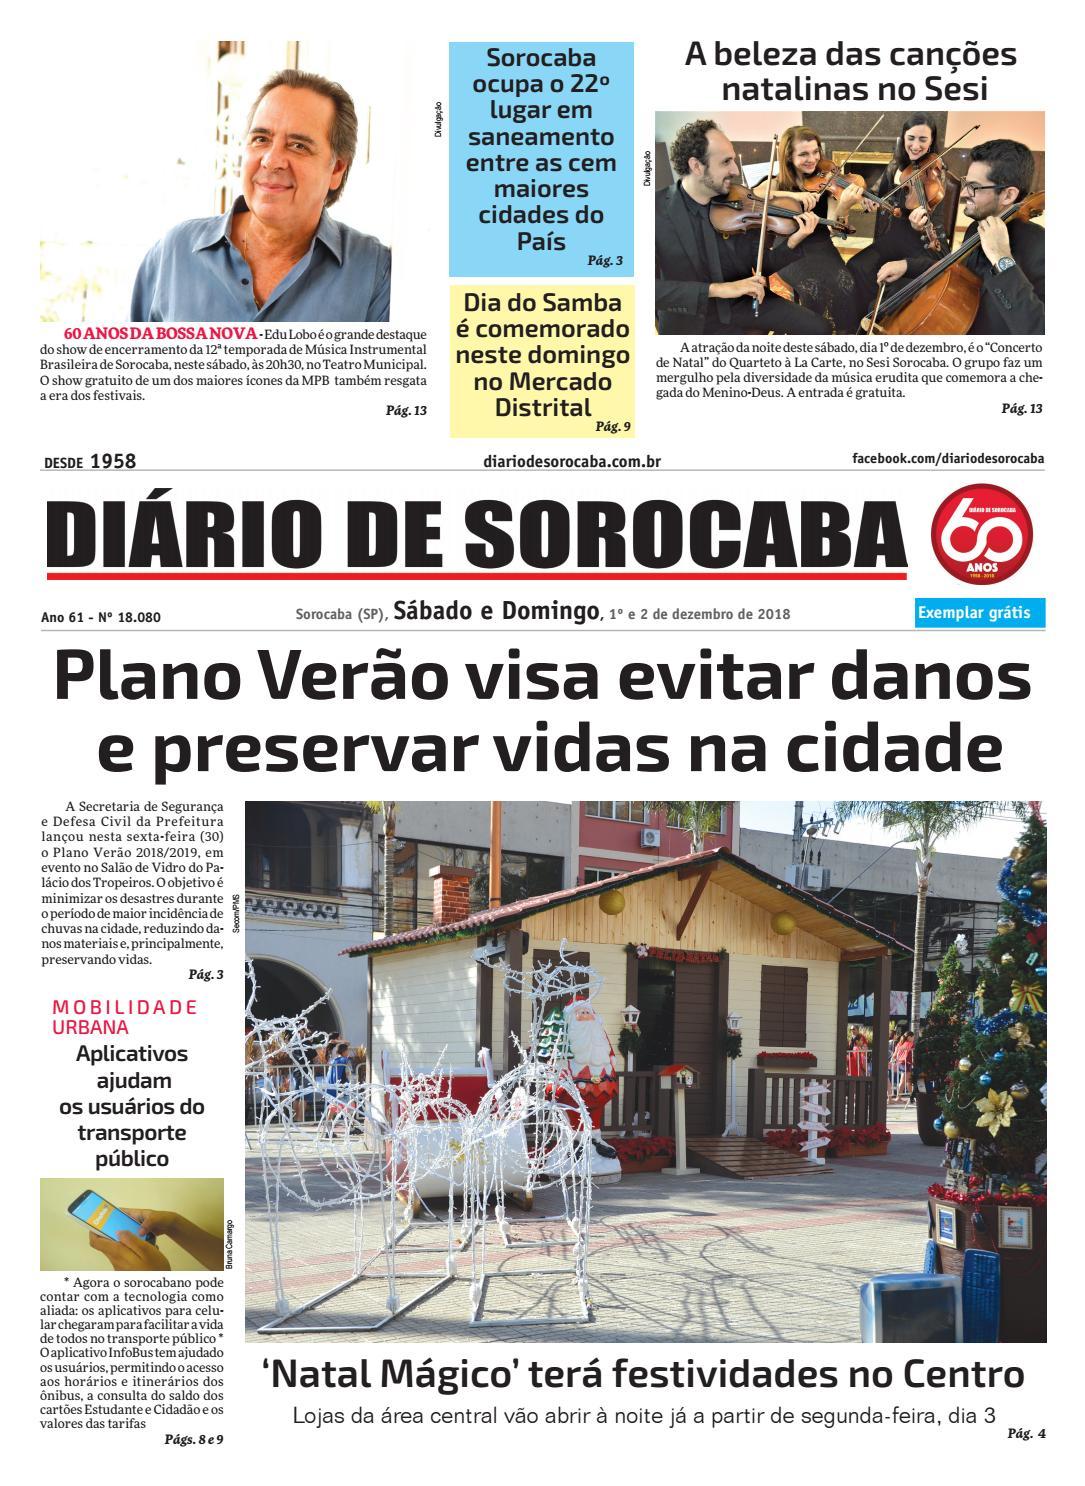 Sábado, 1º de dezembro by DIÁRIO DE SOROCABA - issuu f2133f865e